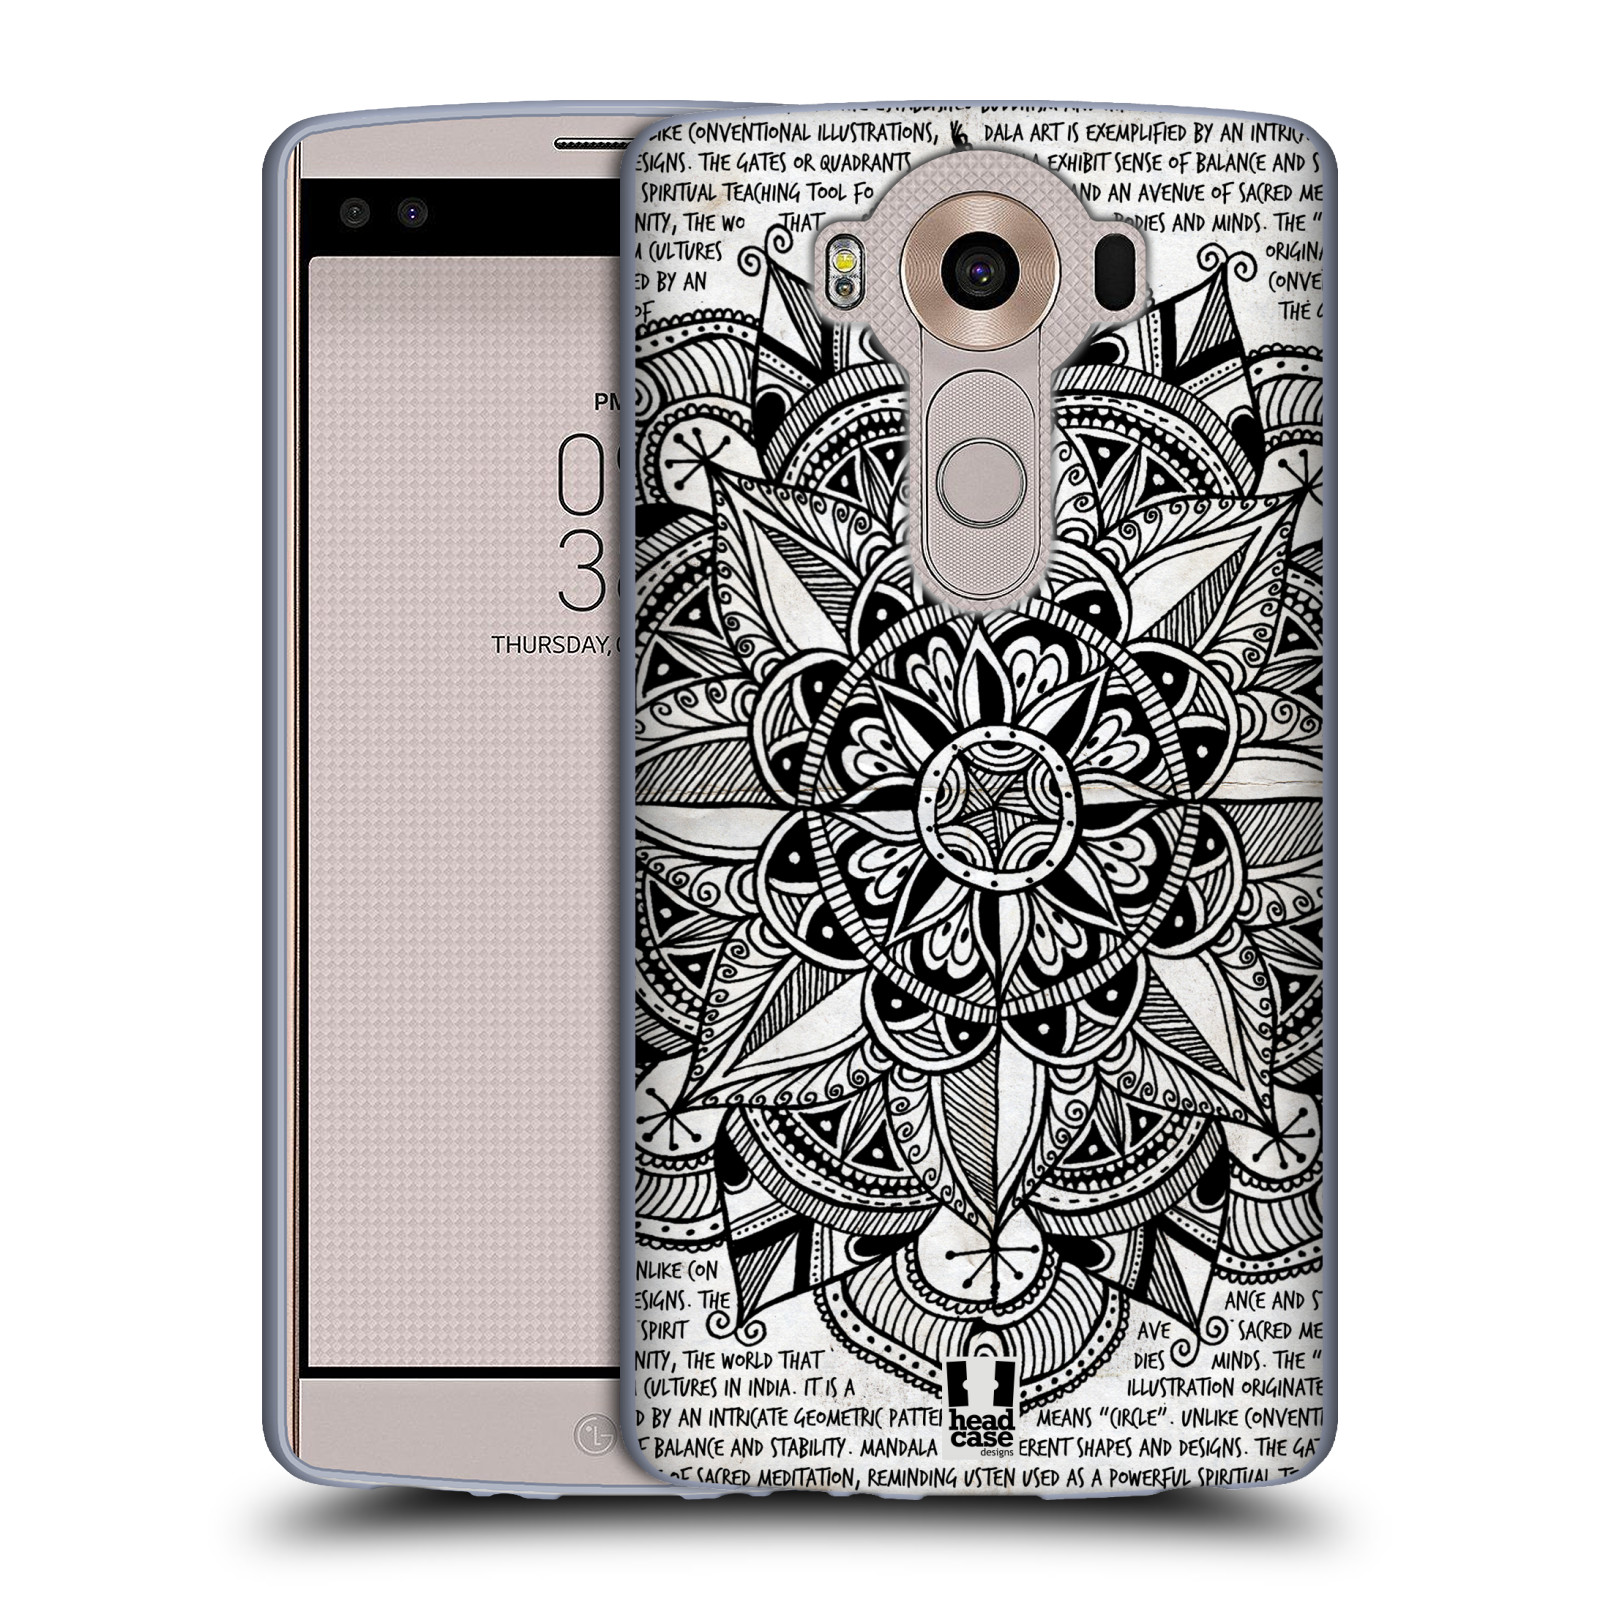 HEAD CASE silikonový obal na mobil LG V10 (H960A) vzor Indie Mandala slunce barevná ČERNÁ A BÍLÁ MAPA